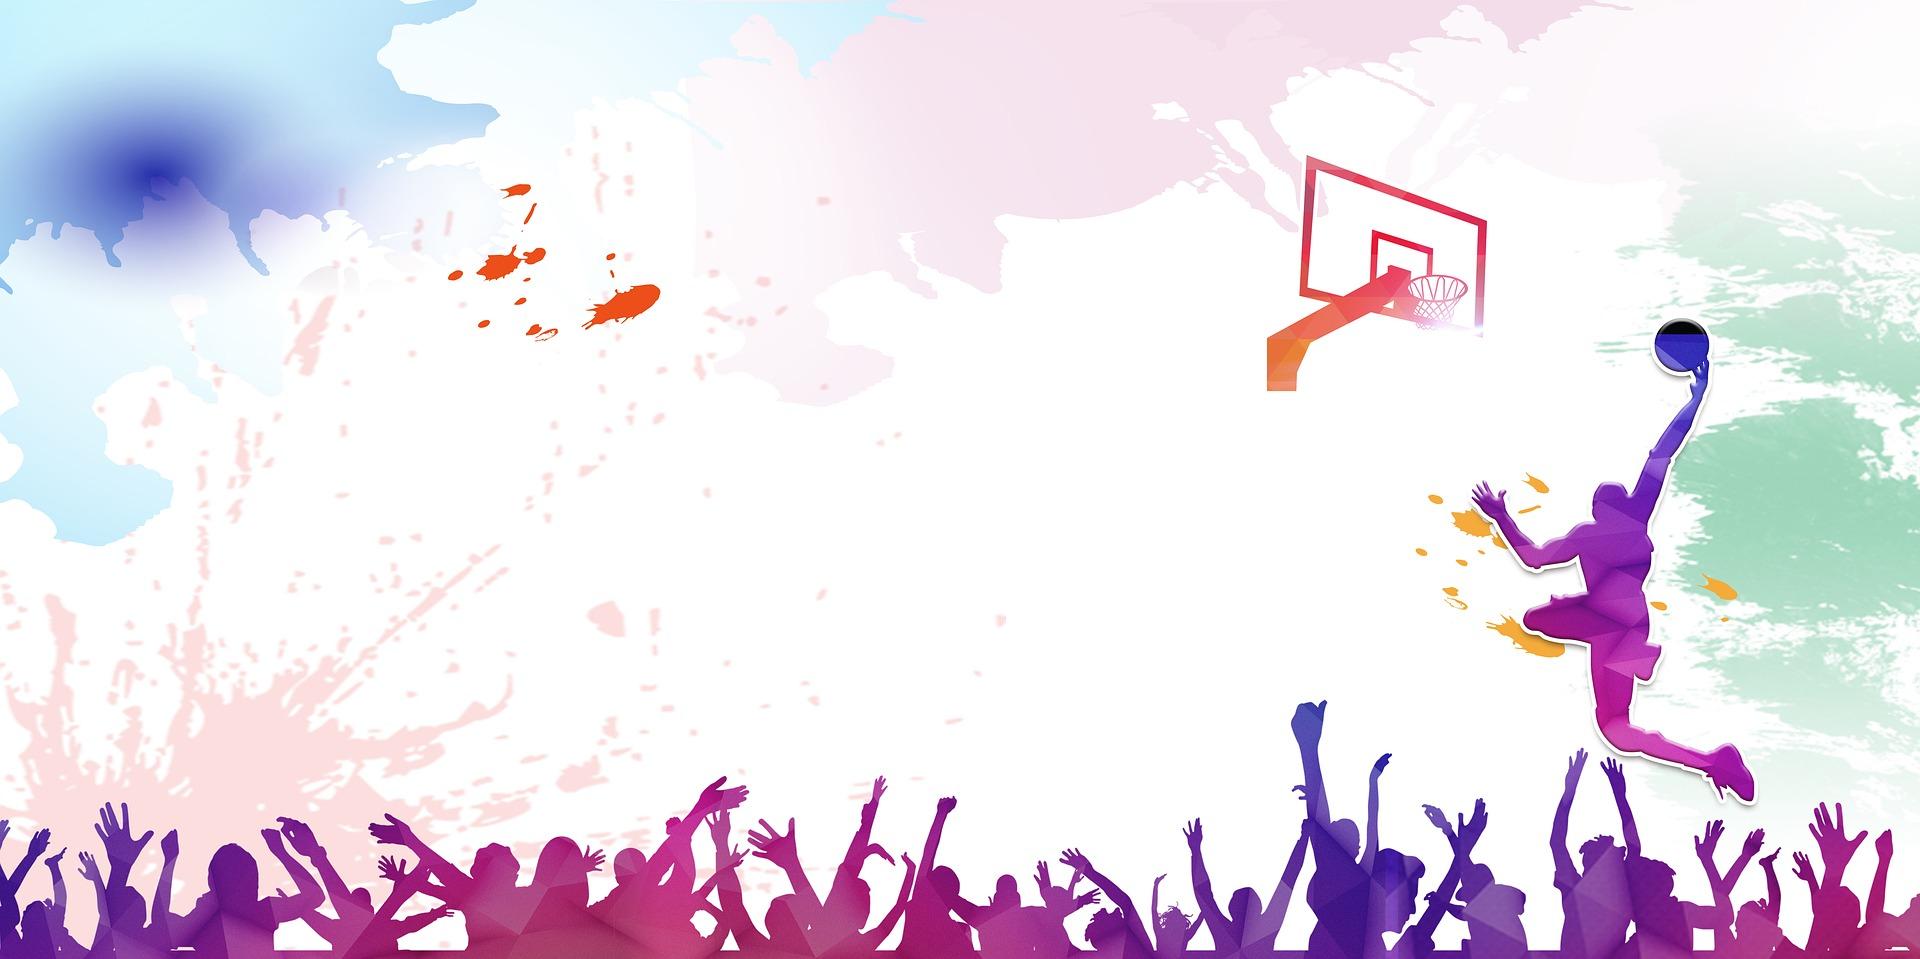 バスケットボールをする男と歓声